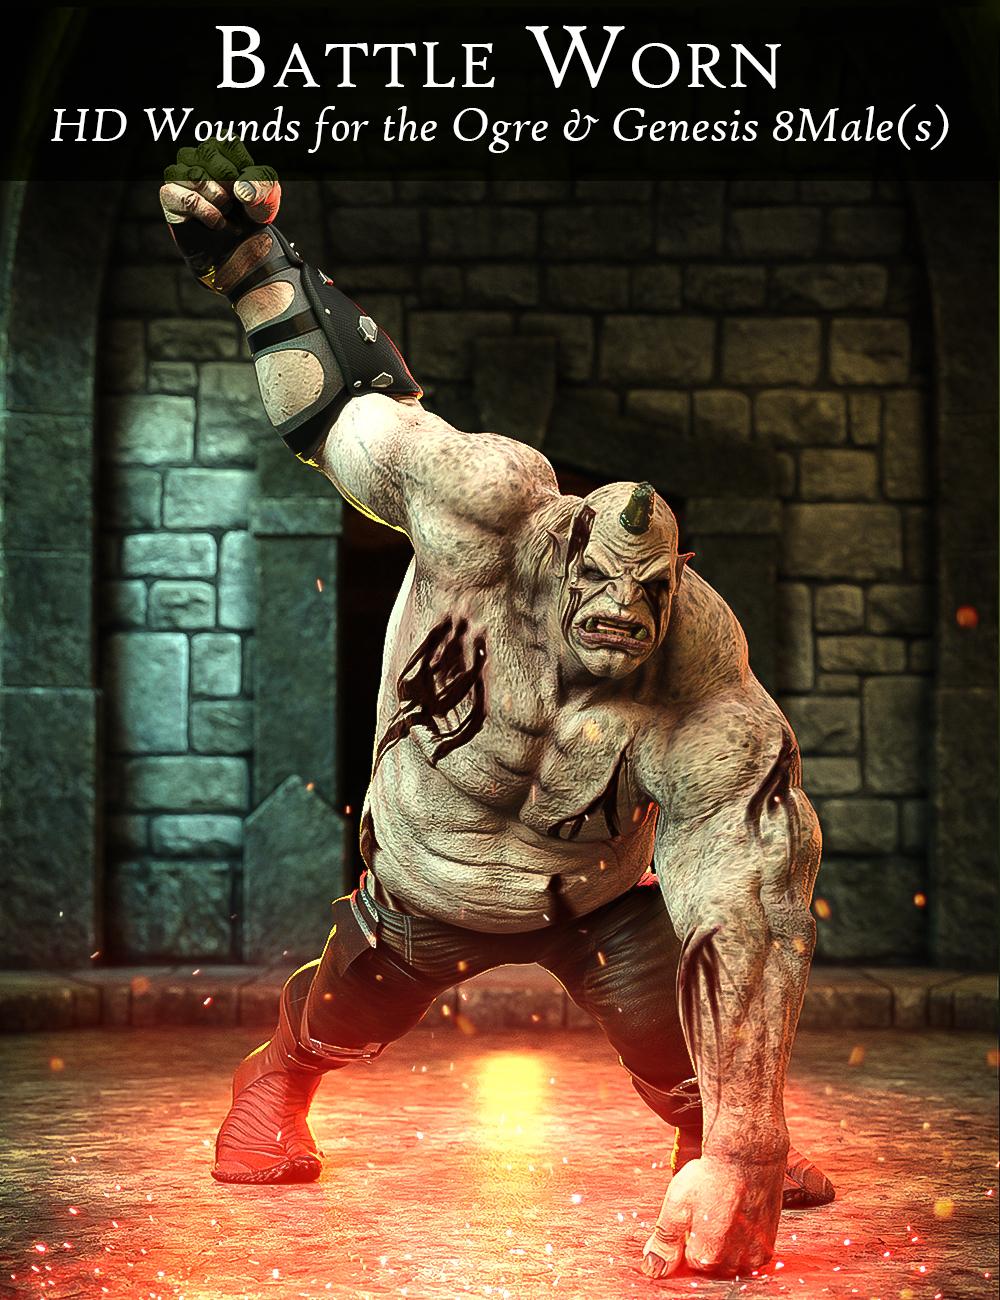 Battle Worn for Ogre HD and Genesis 8 Male(s) by: FenixPhoenixEsid, 3D Models by Daz 3D